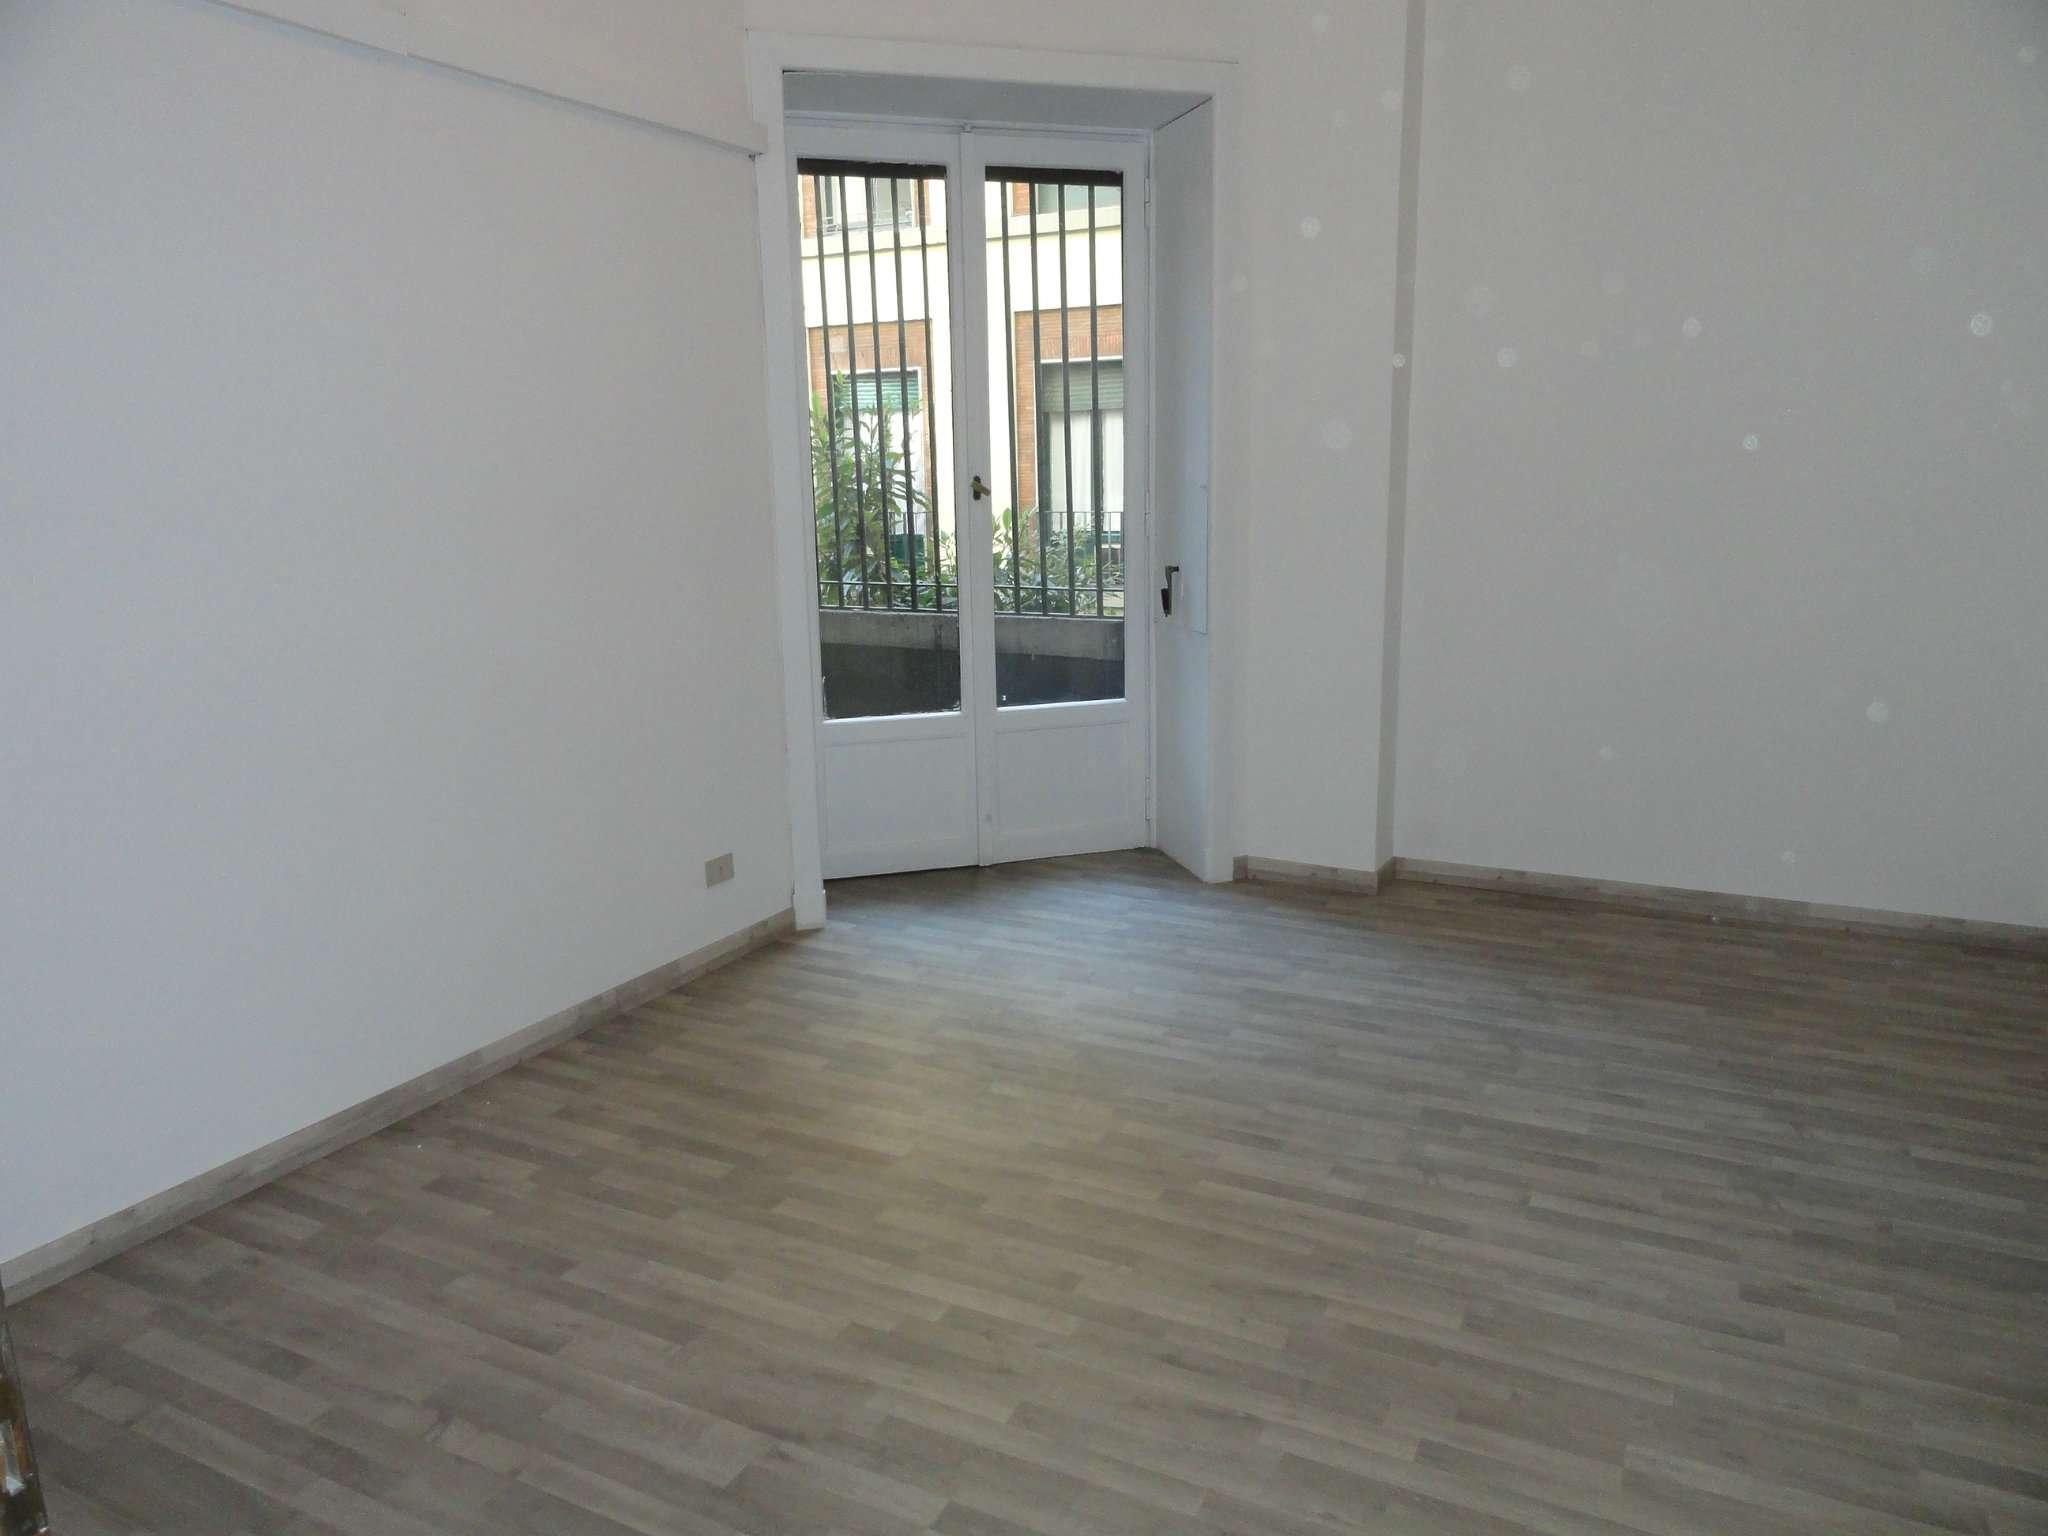 Appartamento in Vendita a Milano 01 Centro storico (Cerchia dei Navigli):  3 locali, 110 mq  - Foto 1